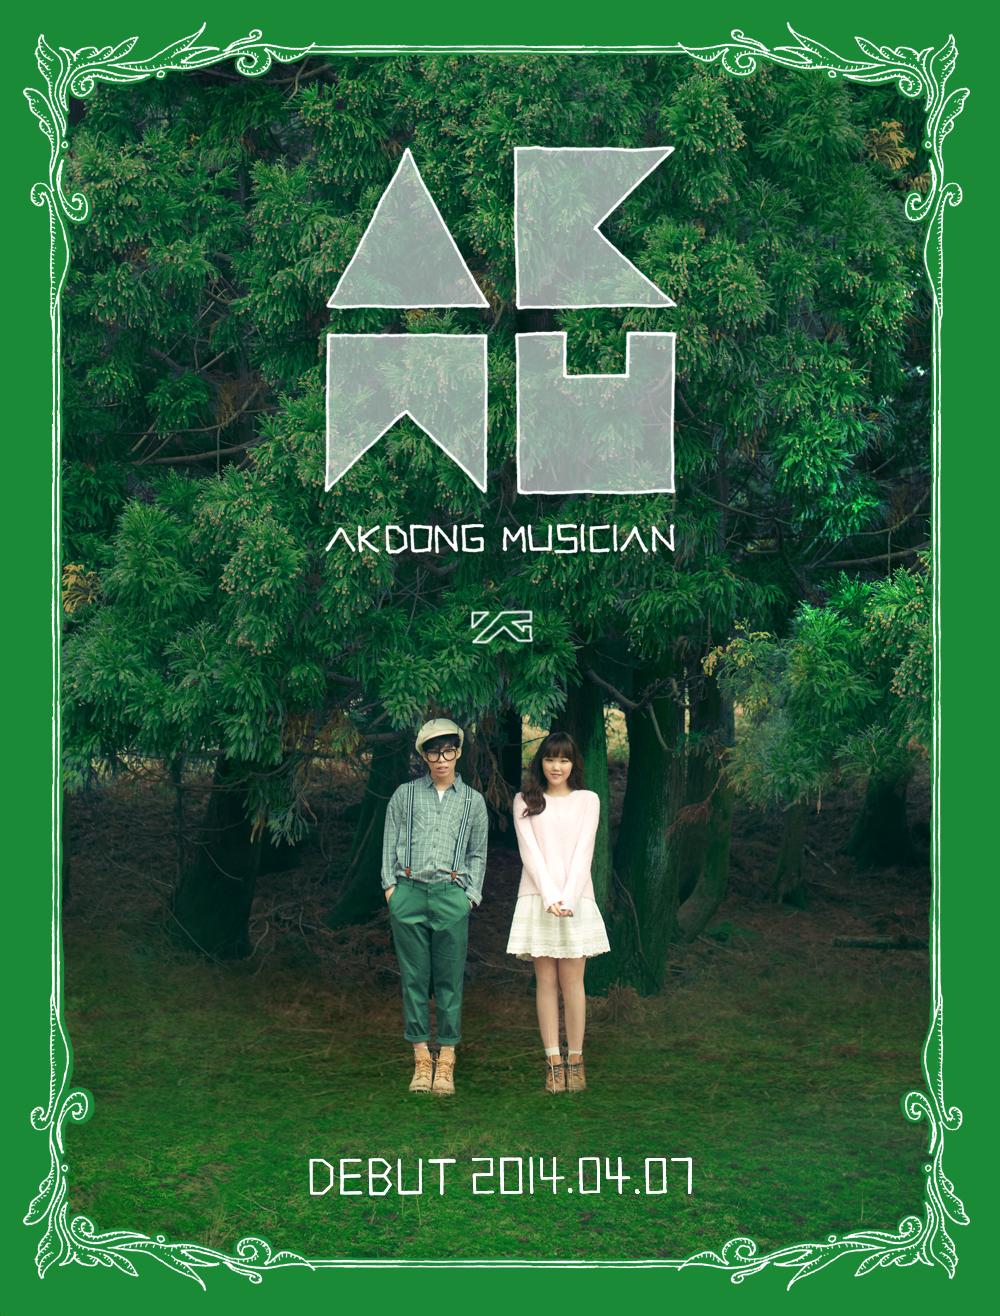 Akdong Musician Debut